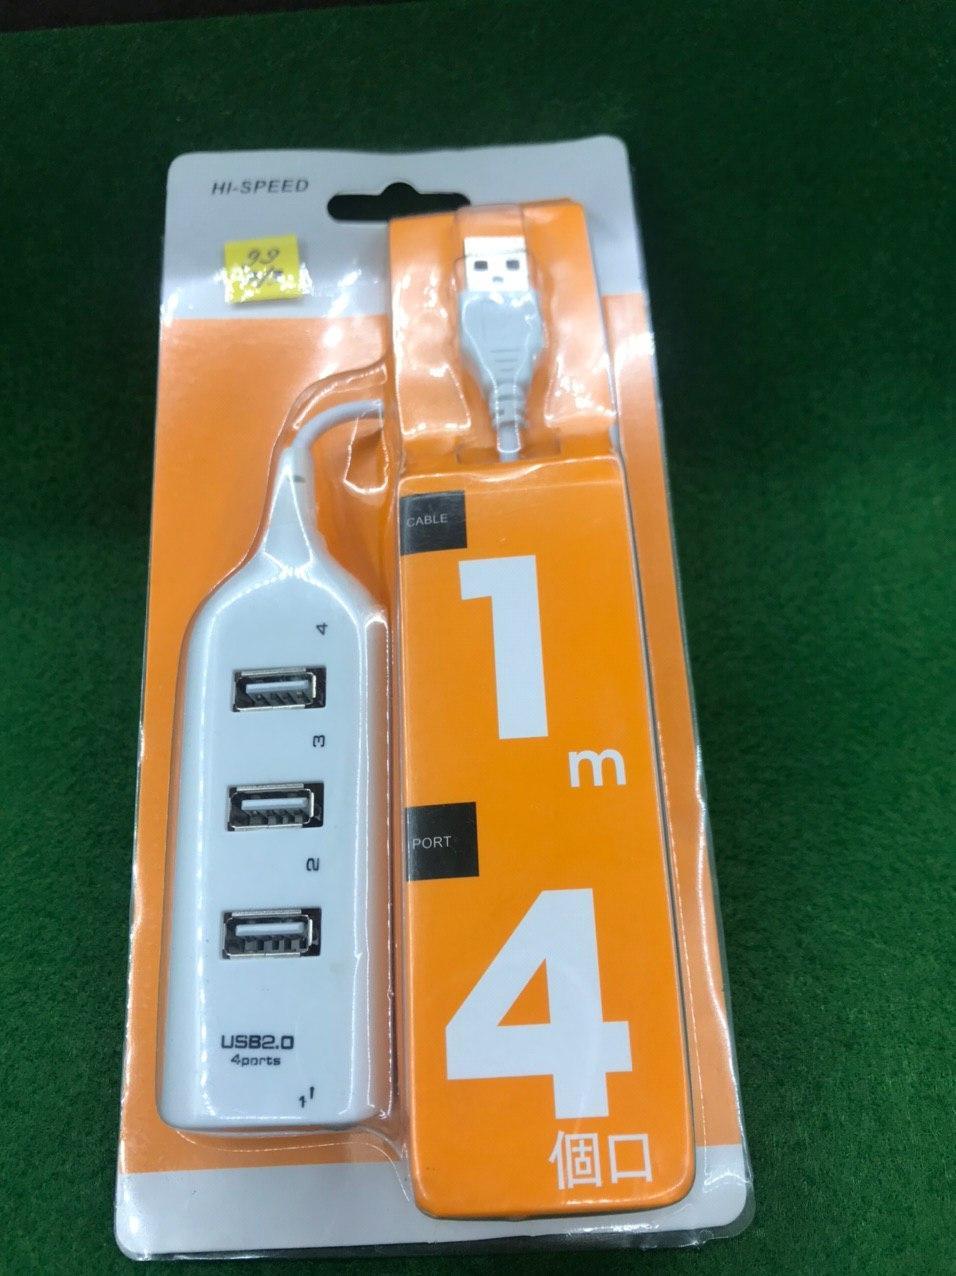 USB-HUB класичний, 4 роз'єми, довжина кабелю 30 см (білий)